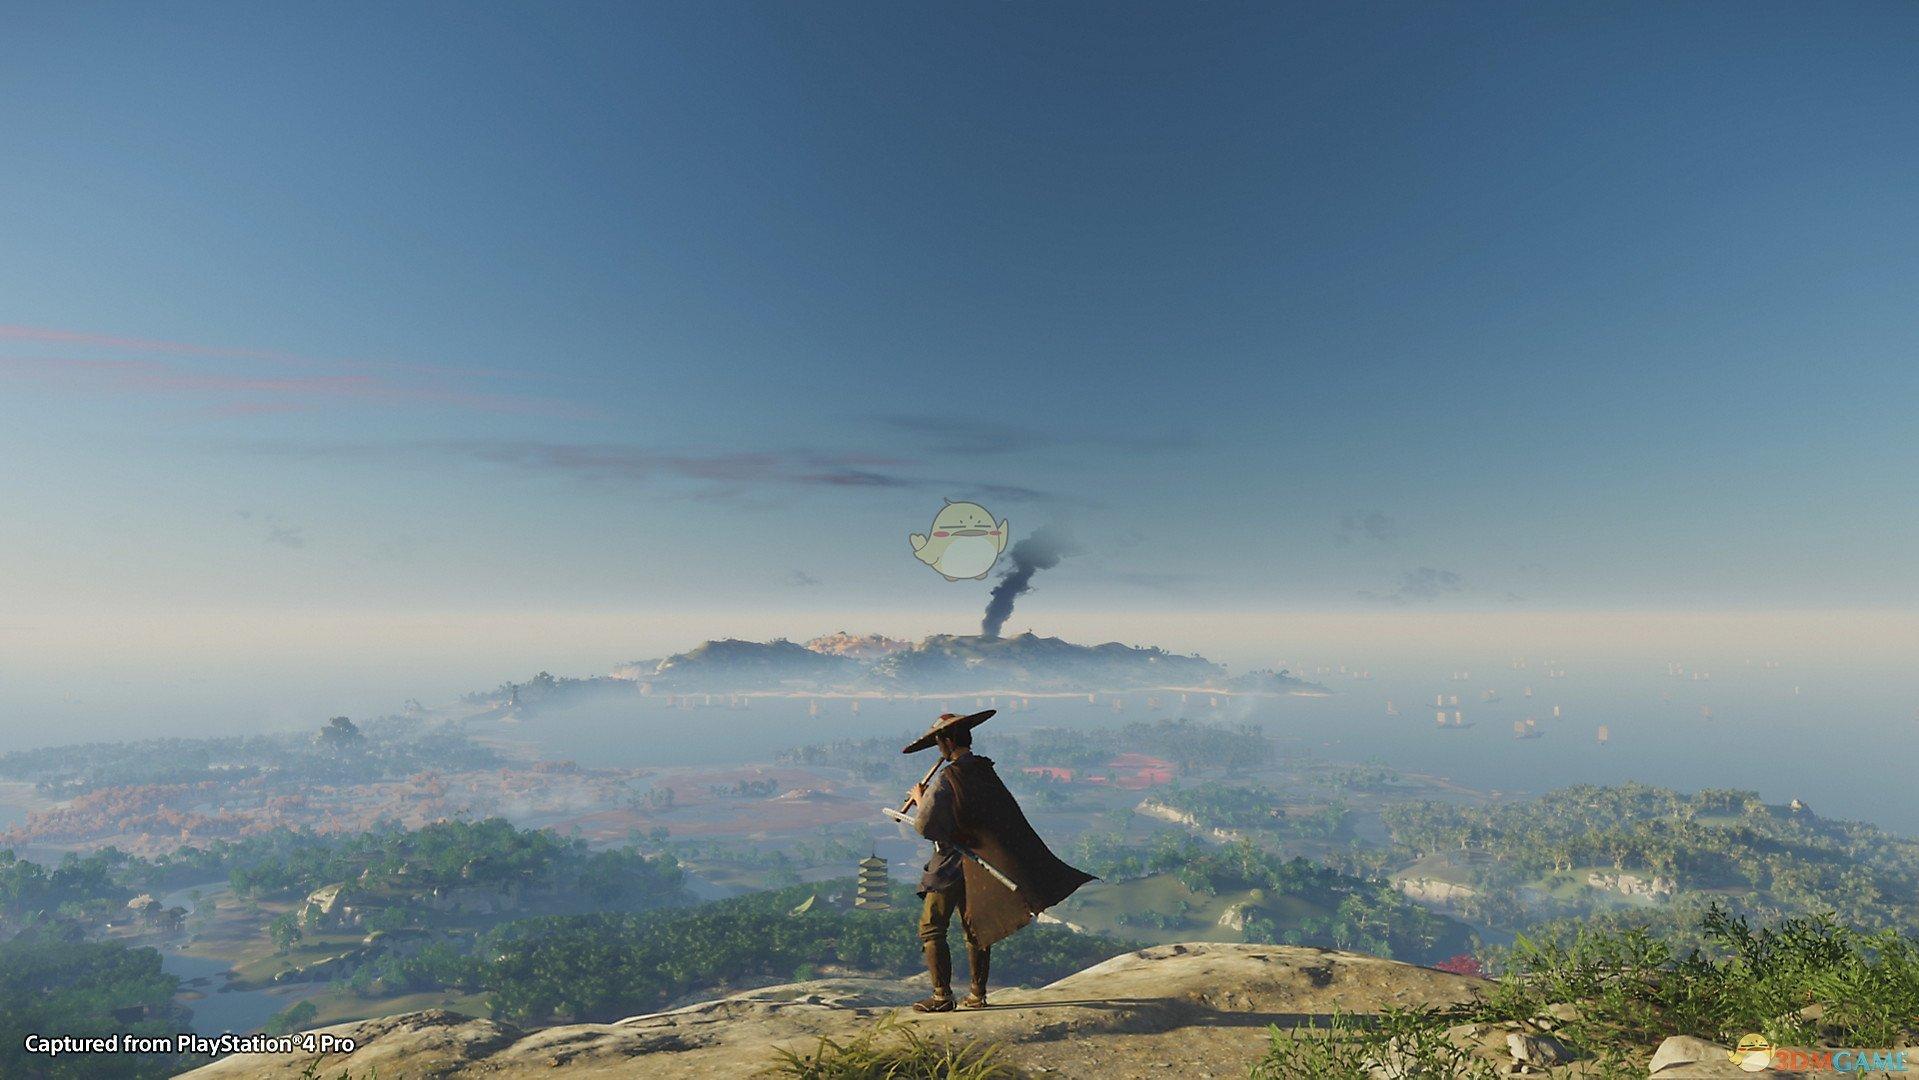 《对马岛之鬼》游戏预购奖励介绍